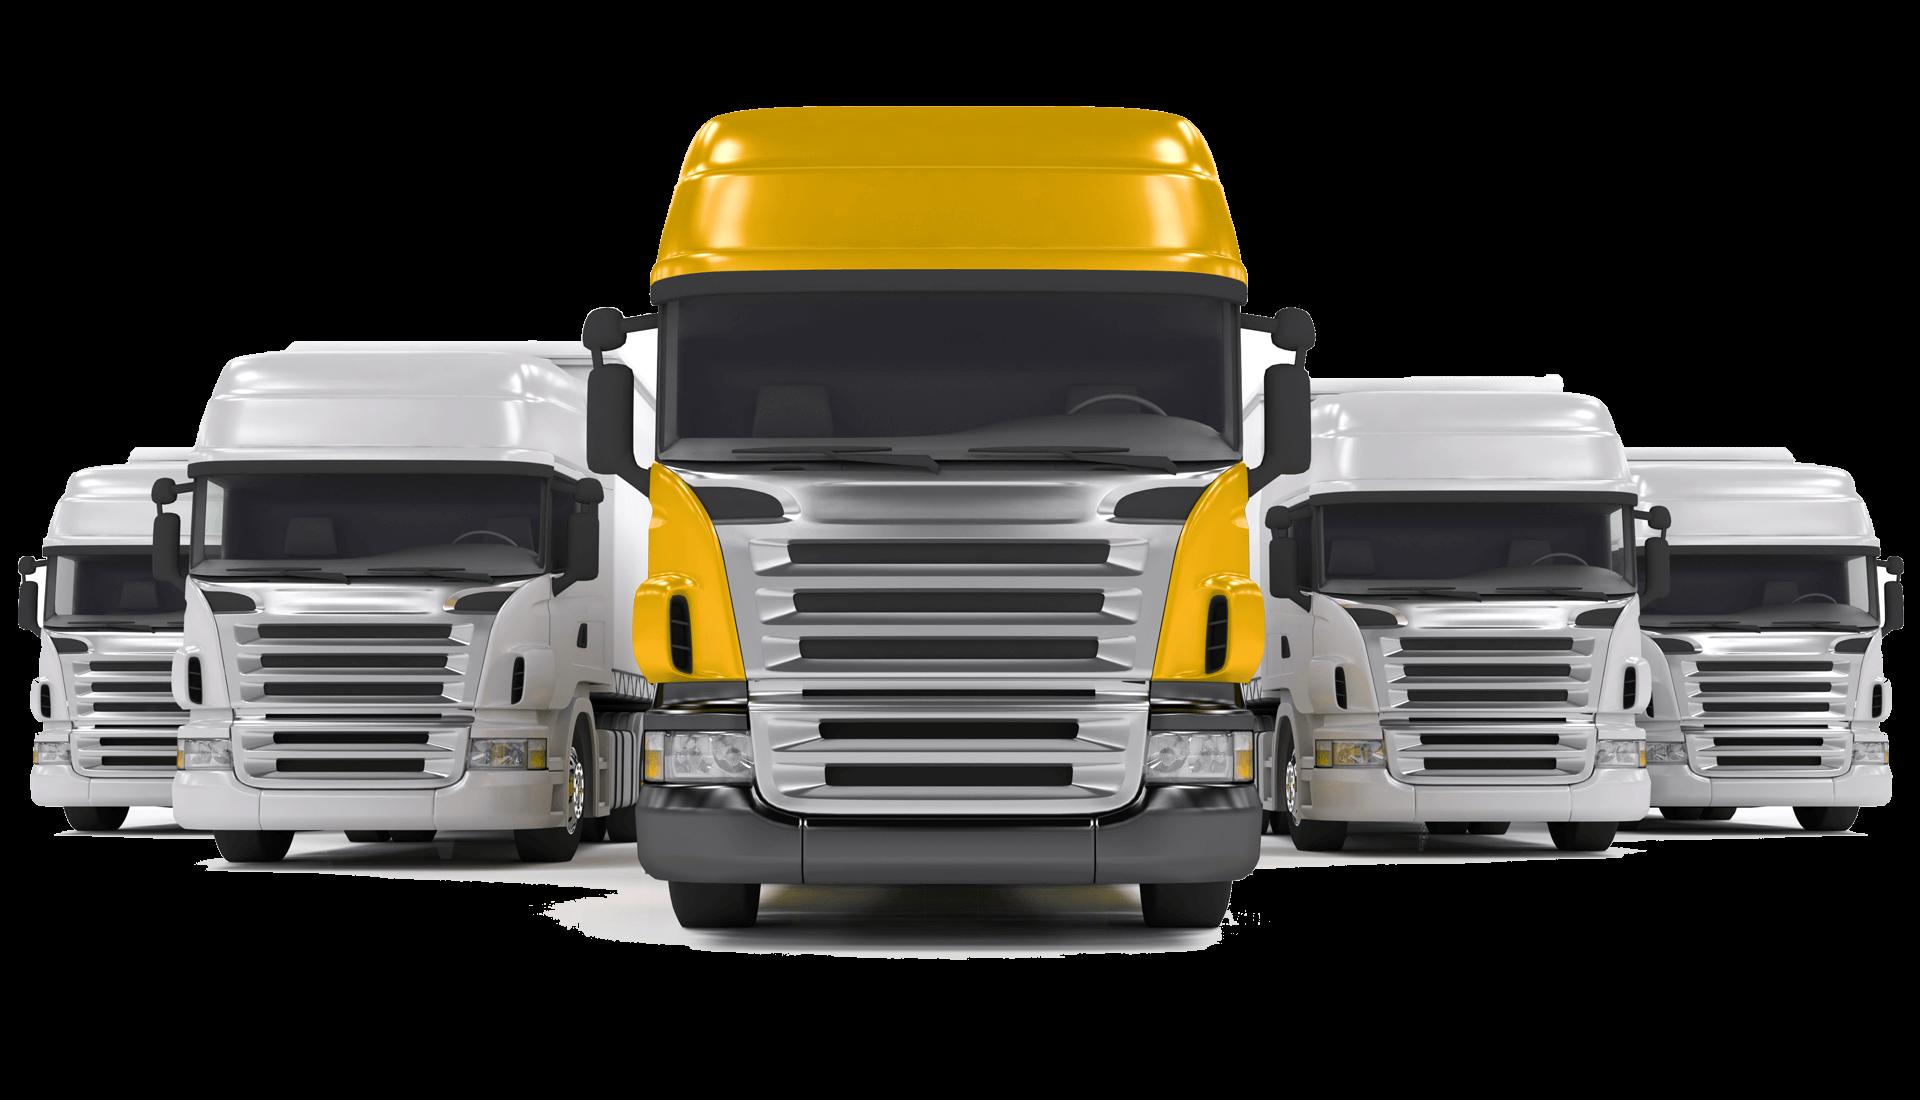 https://www.itetservizi.it/wp-content/uploads/2017/07/trucks.png